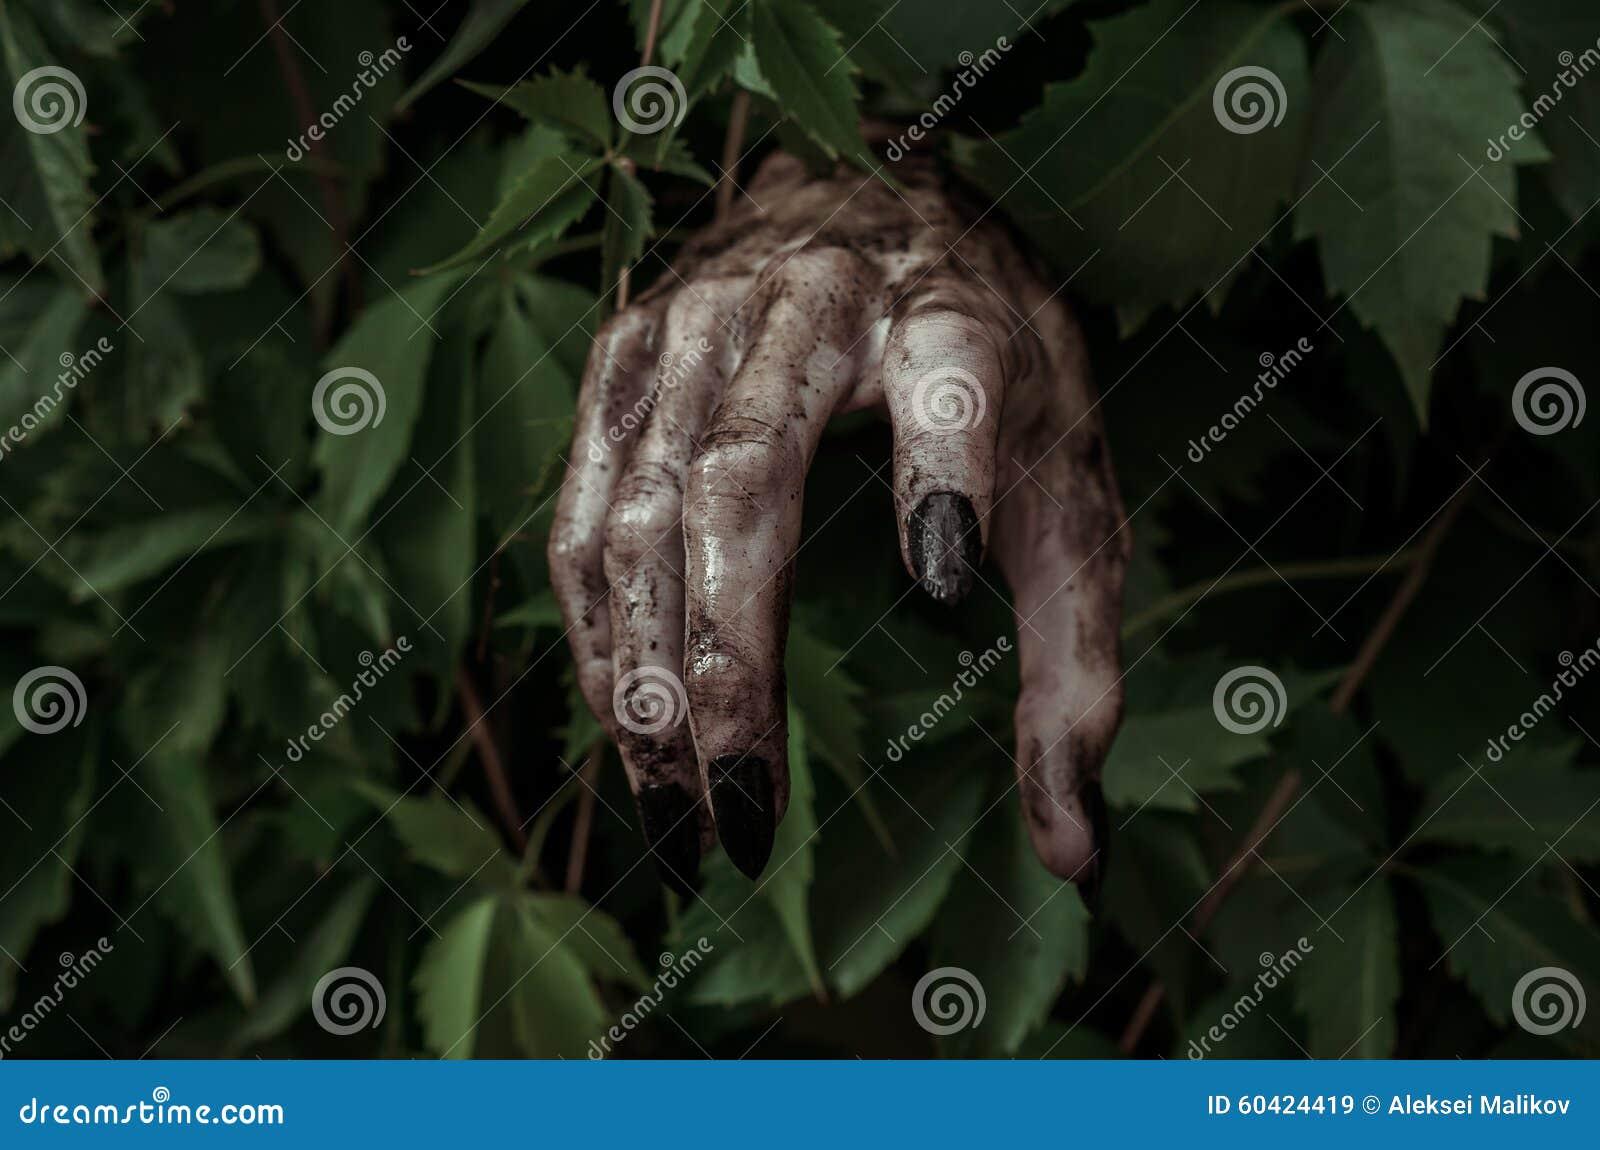 恐怖和万圣夜题材:有黑人指甲盖蛇神的可怕的肮脏的手爬出绿色叶子,走的死的启示